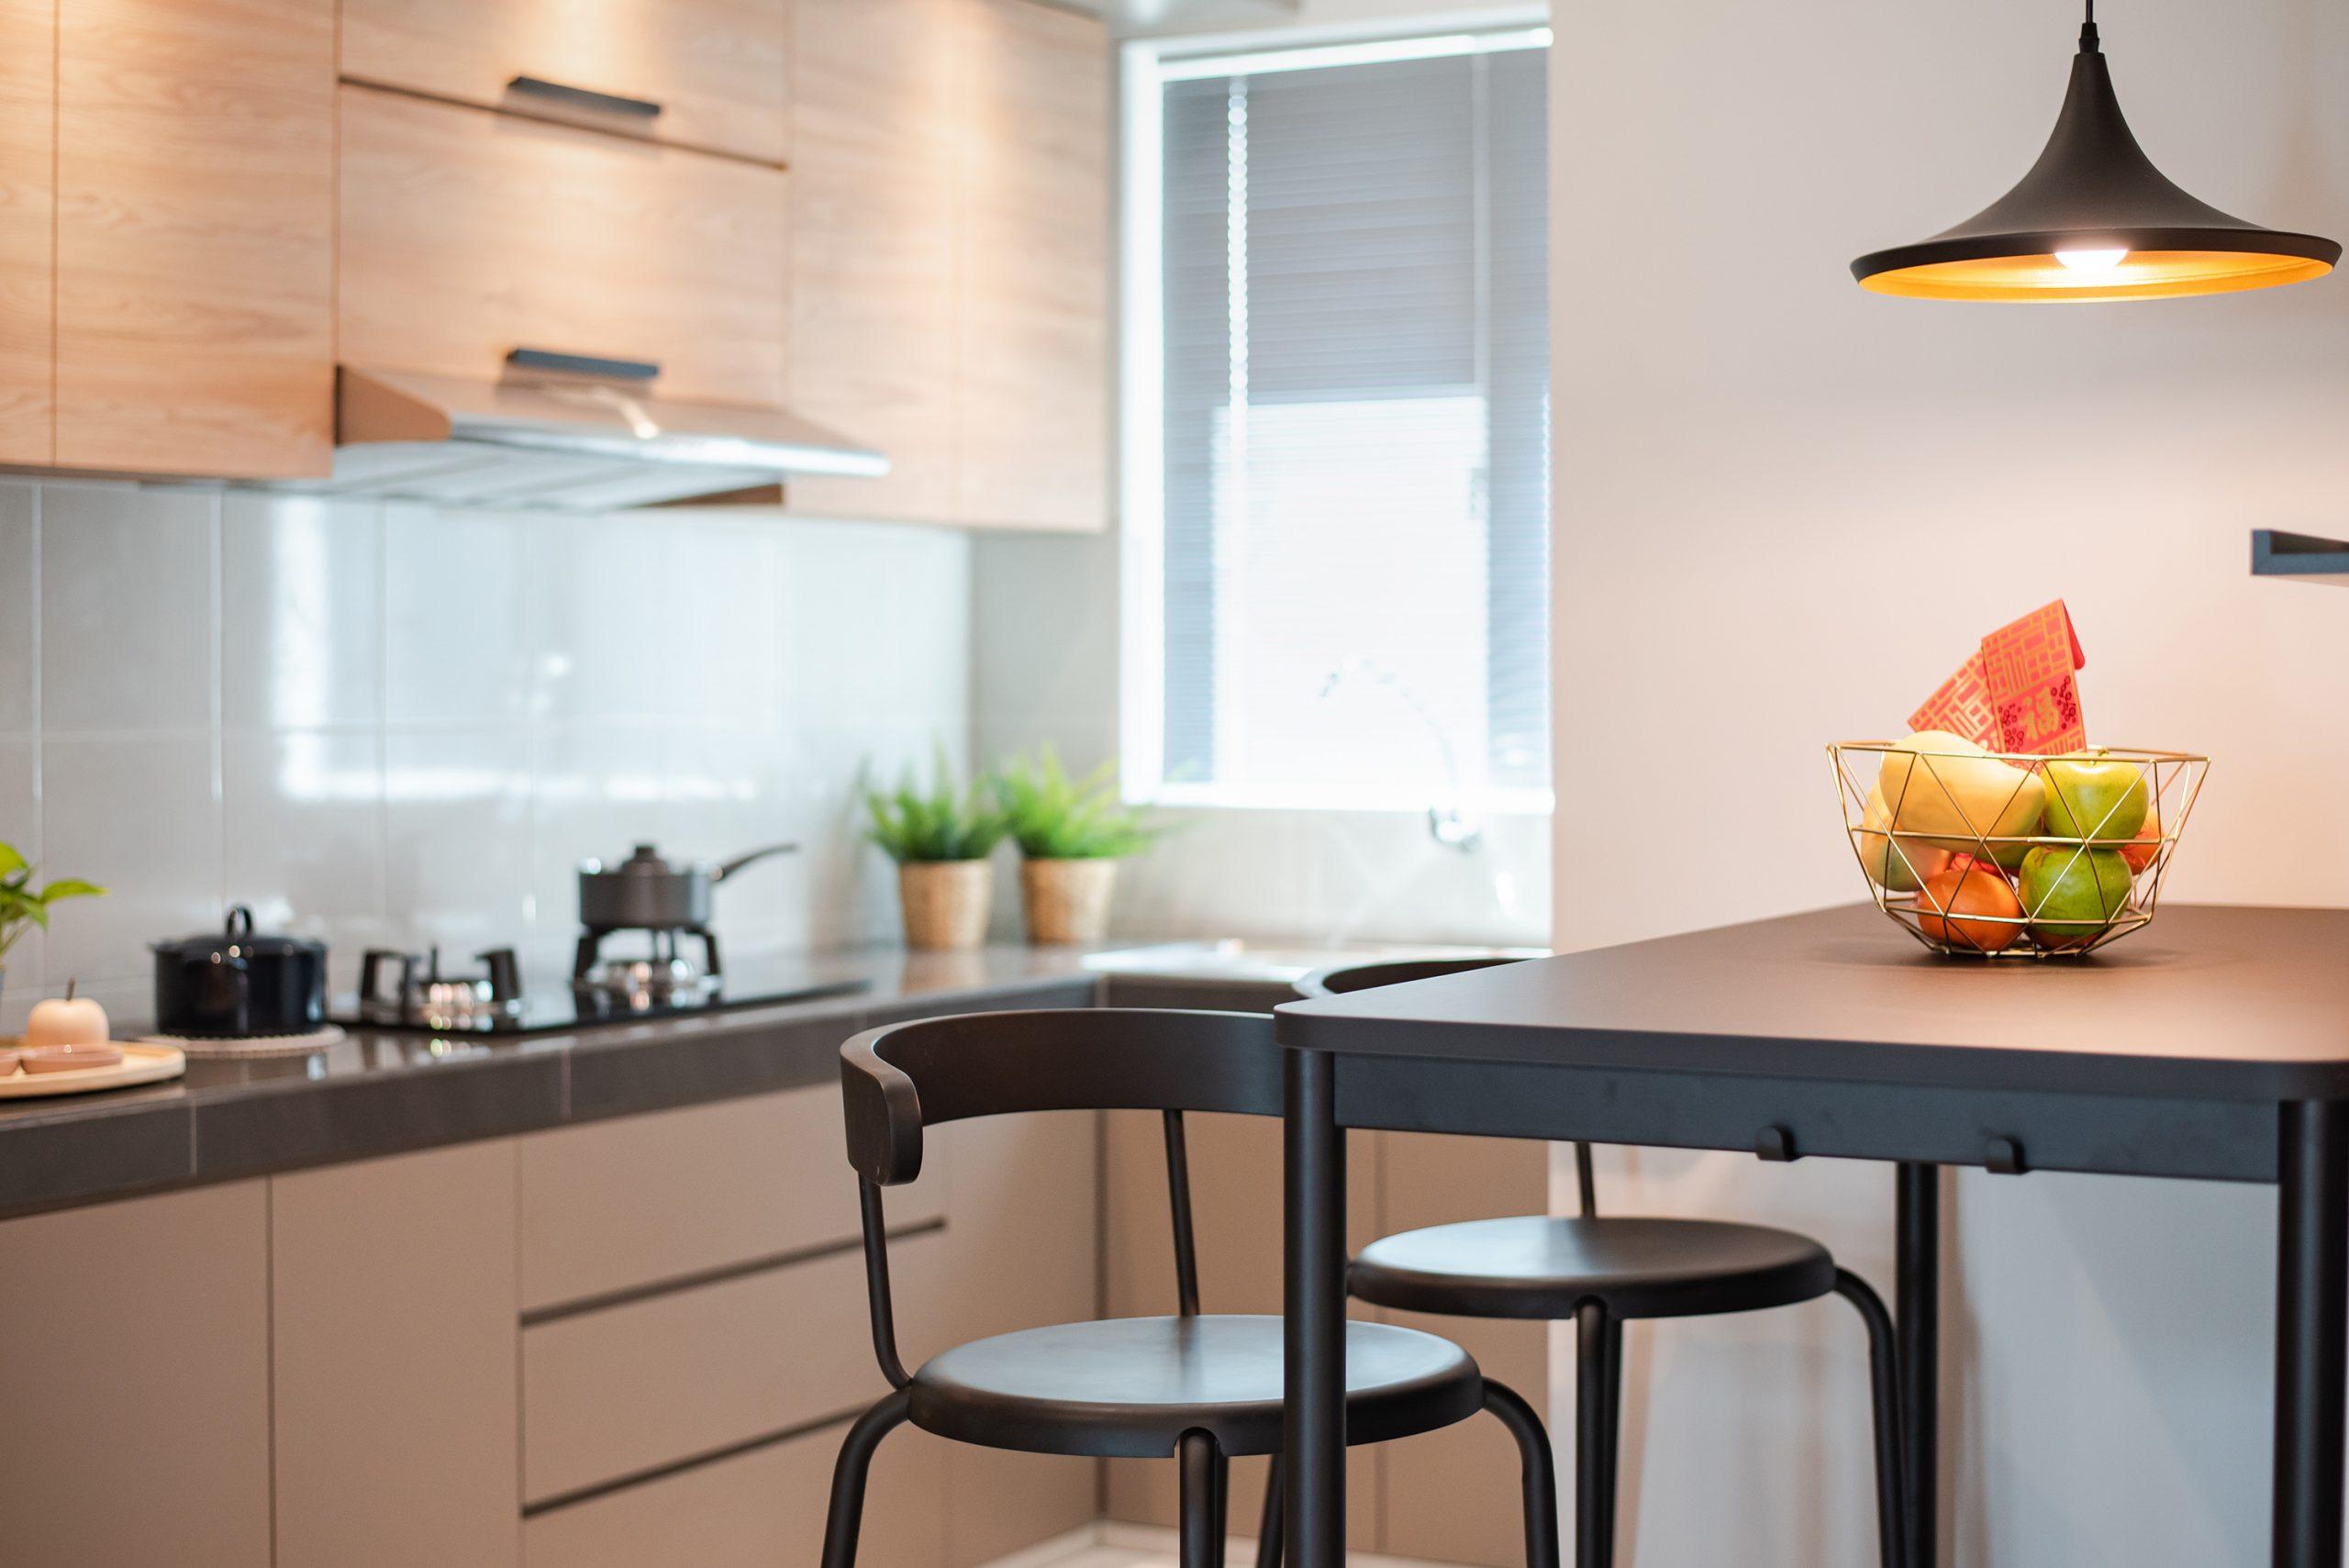 Cornflower kitchen